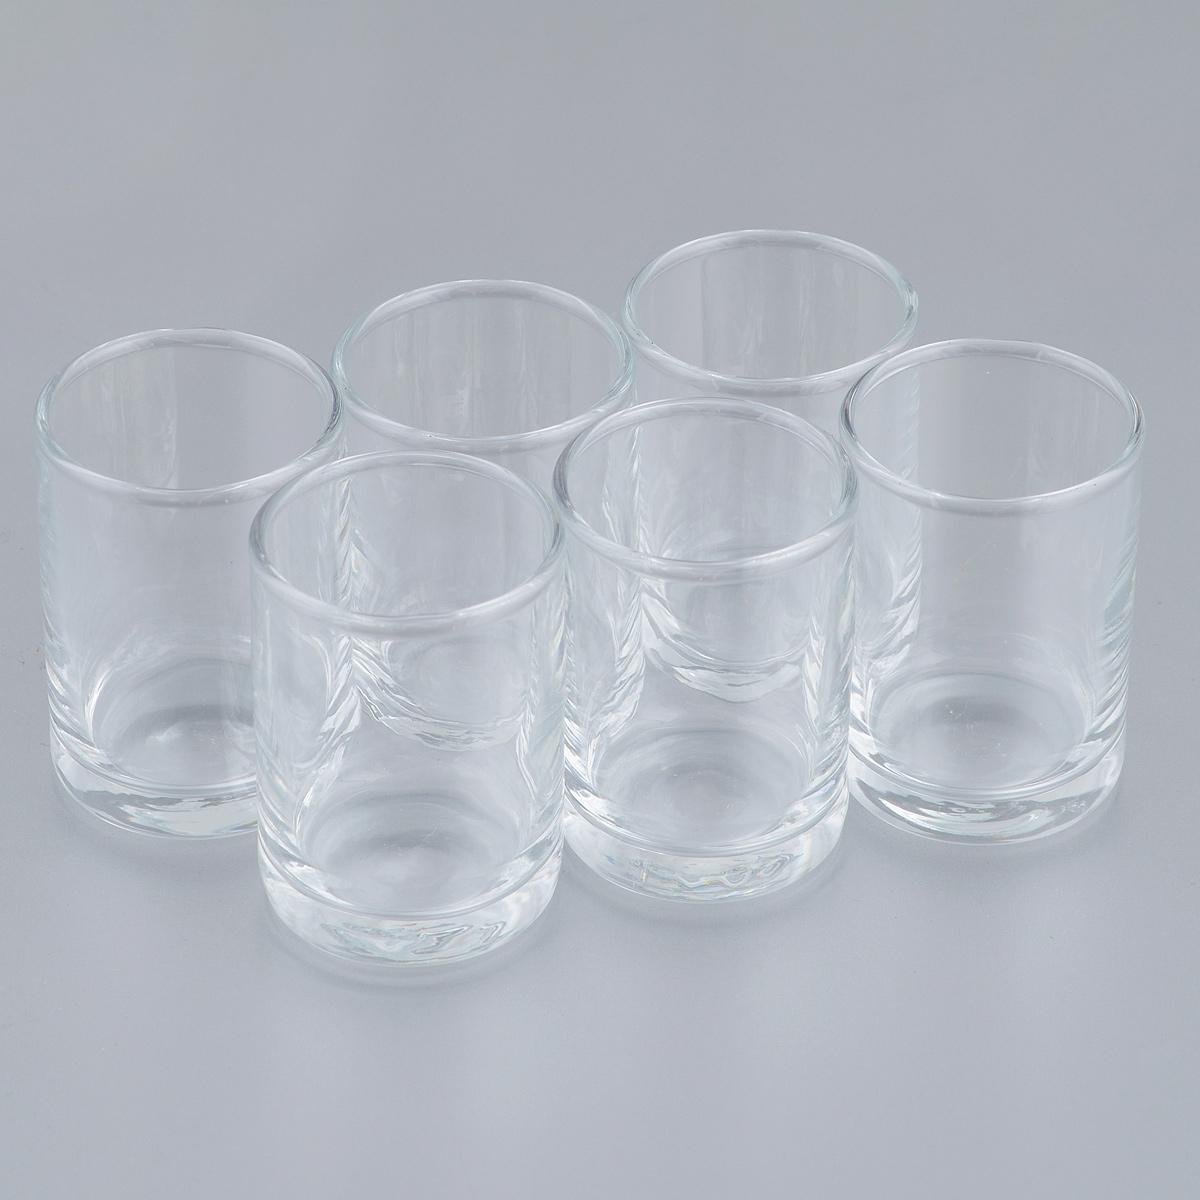 Набор стопок Pasabahce Istanbul, 60 мл, 6 шт42025BНабор Pasabahce Istanbul, выполненный из закаленного натрий-кальций-силикатного стекла, состоит из шести стопок. Изделия прекрасно подойдут для подачи крепких алкогольных напитков. Их оценят как любители классики, так и те, кто предпочитает современный дизайн. Набор идеально подойдет для сервировки стола и станет отличным подарком к любому празднику. Диаметр стопки (по верхнему краю): 4 см. Высота стопки: 6 см.